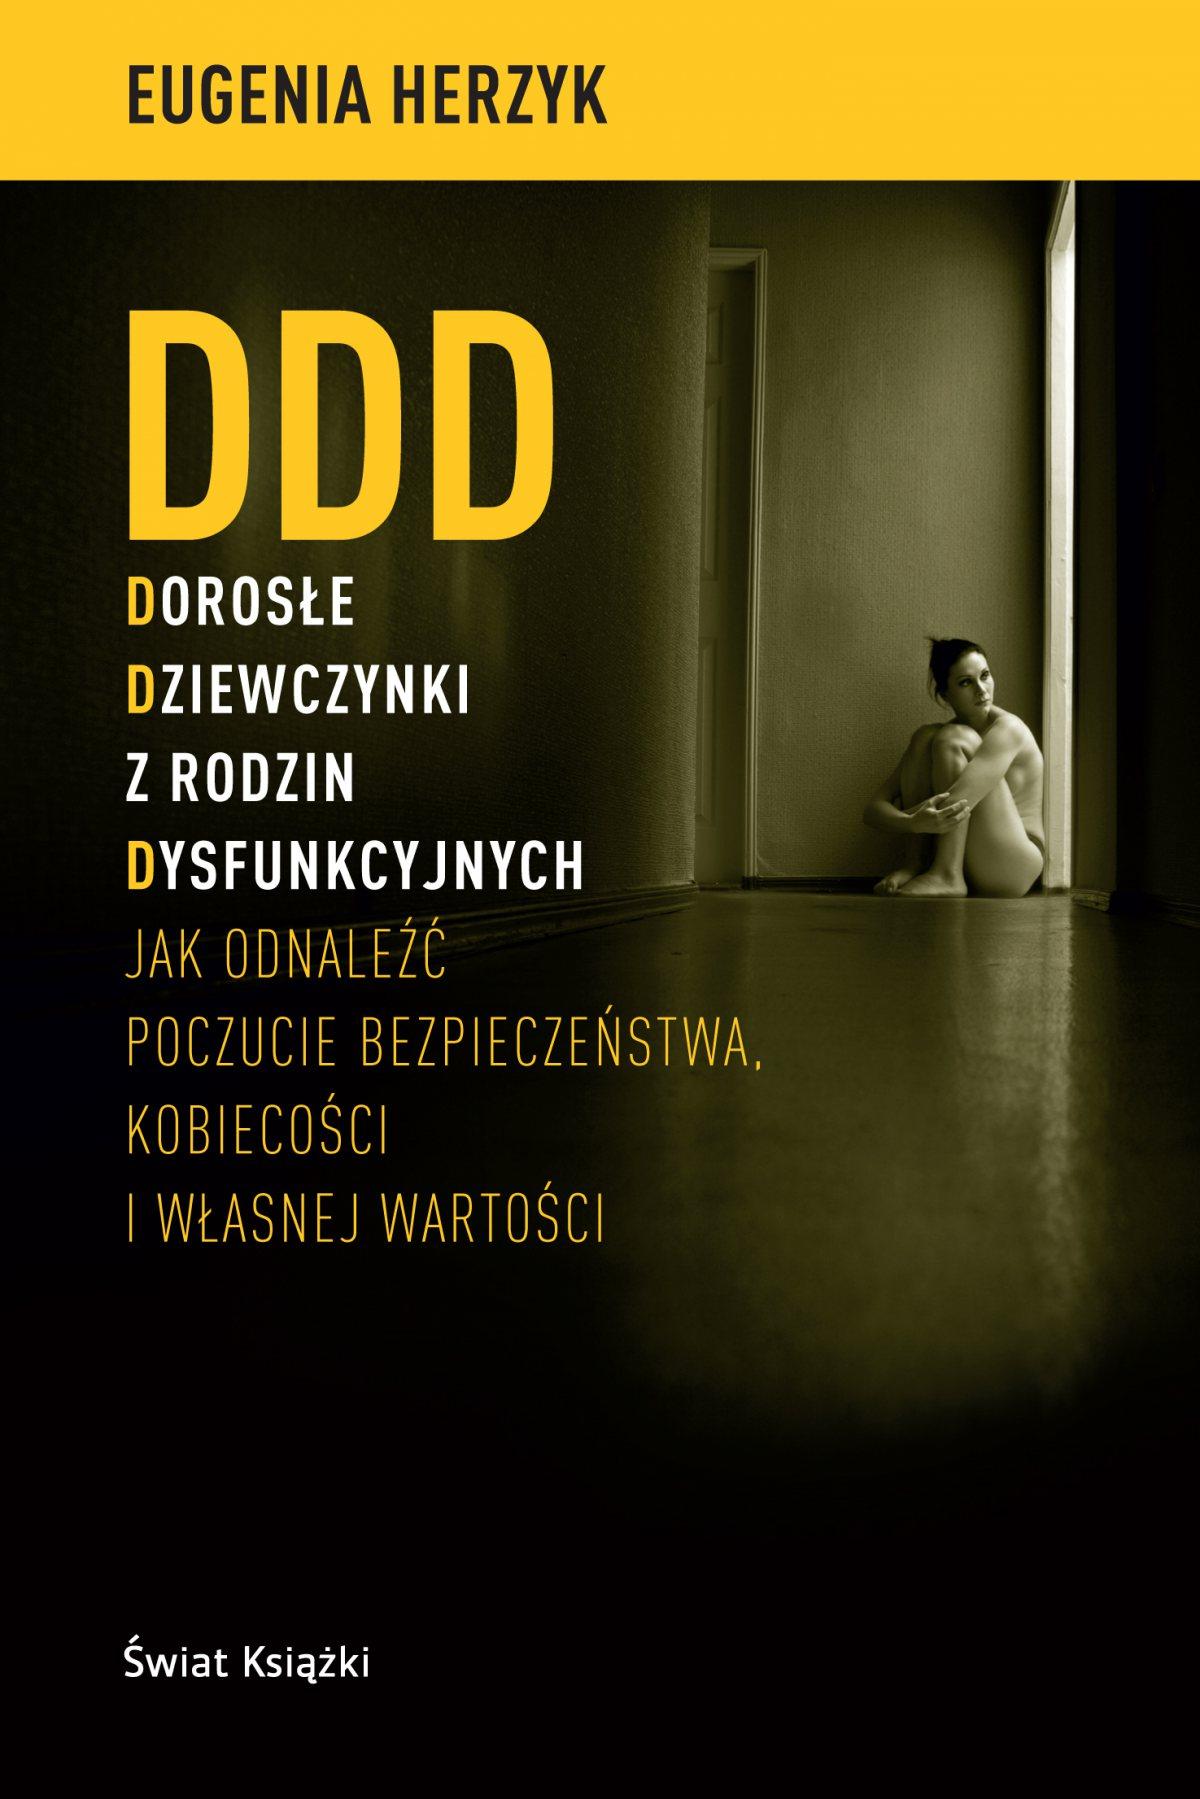 DDD Dorosłe Dziewczynki z rodzin Dysfunkcyjnych - Ebook (Książka na Kindle) do pobrania w formacie MOBI